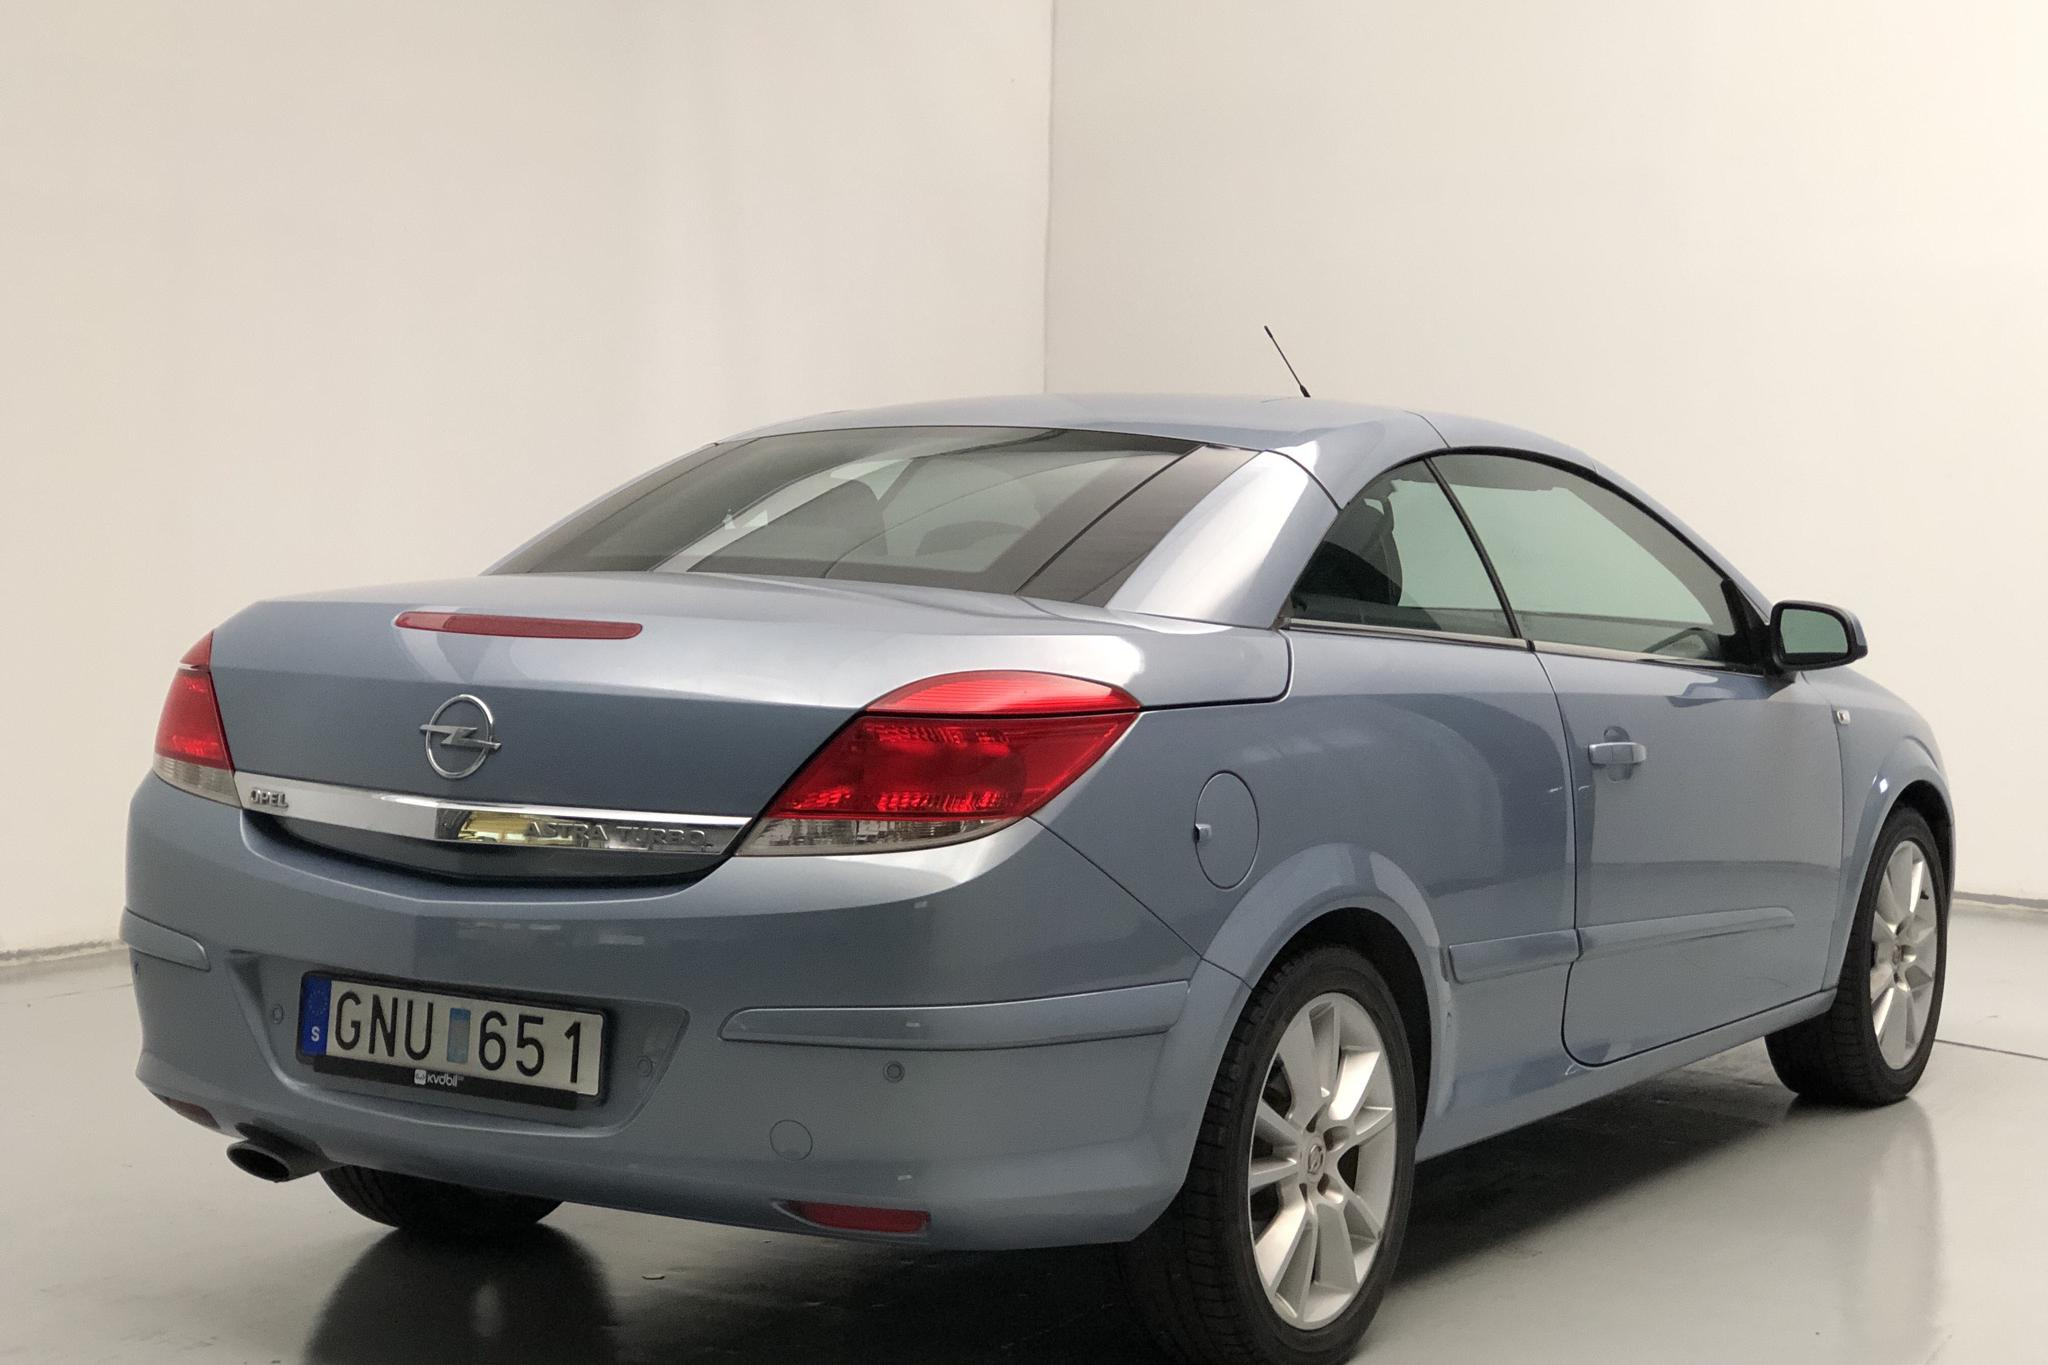 Opel Astra 1.6 Turbo TwinTop (180hk) - 1 726 mil - Manuell - blå - 2008